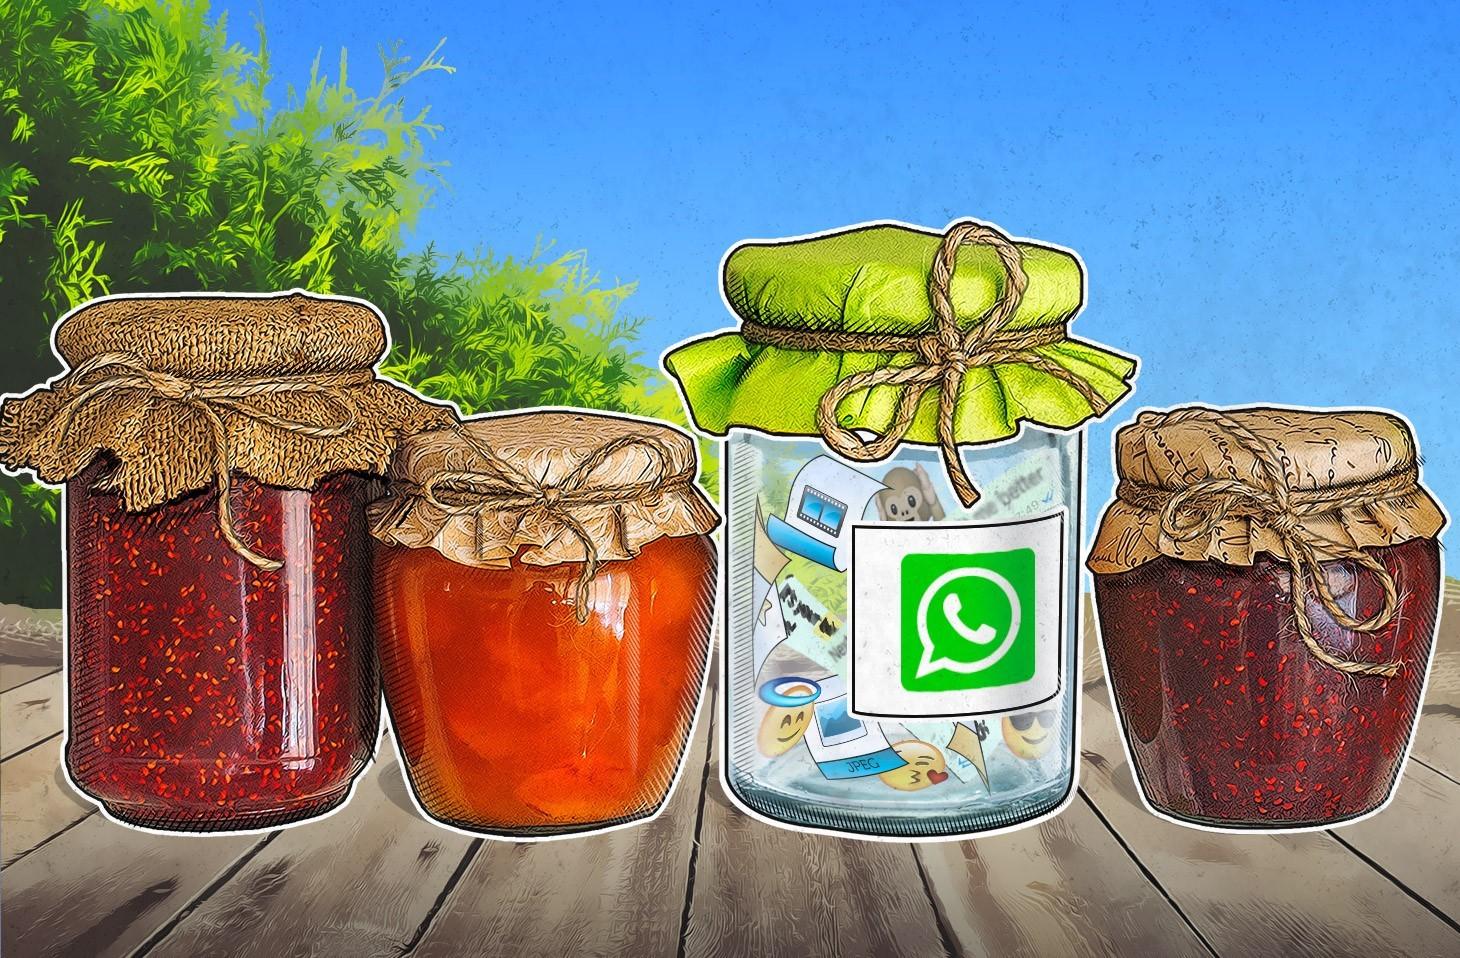 WhatsApp sohbetlerinizi yedeklerken tuzaklardan kaçının